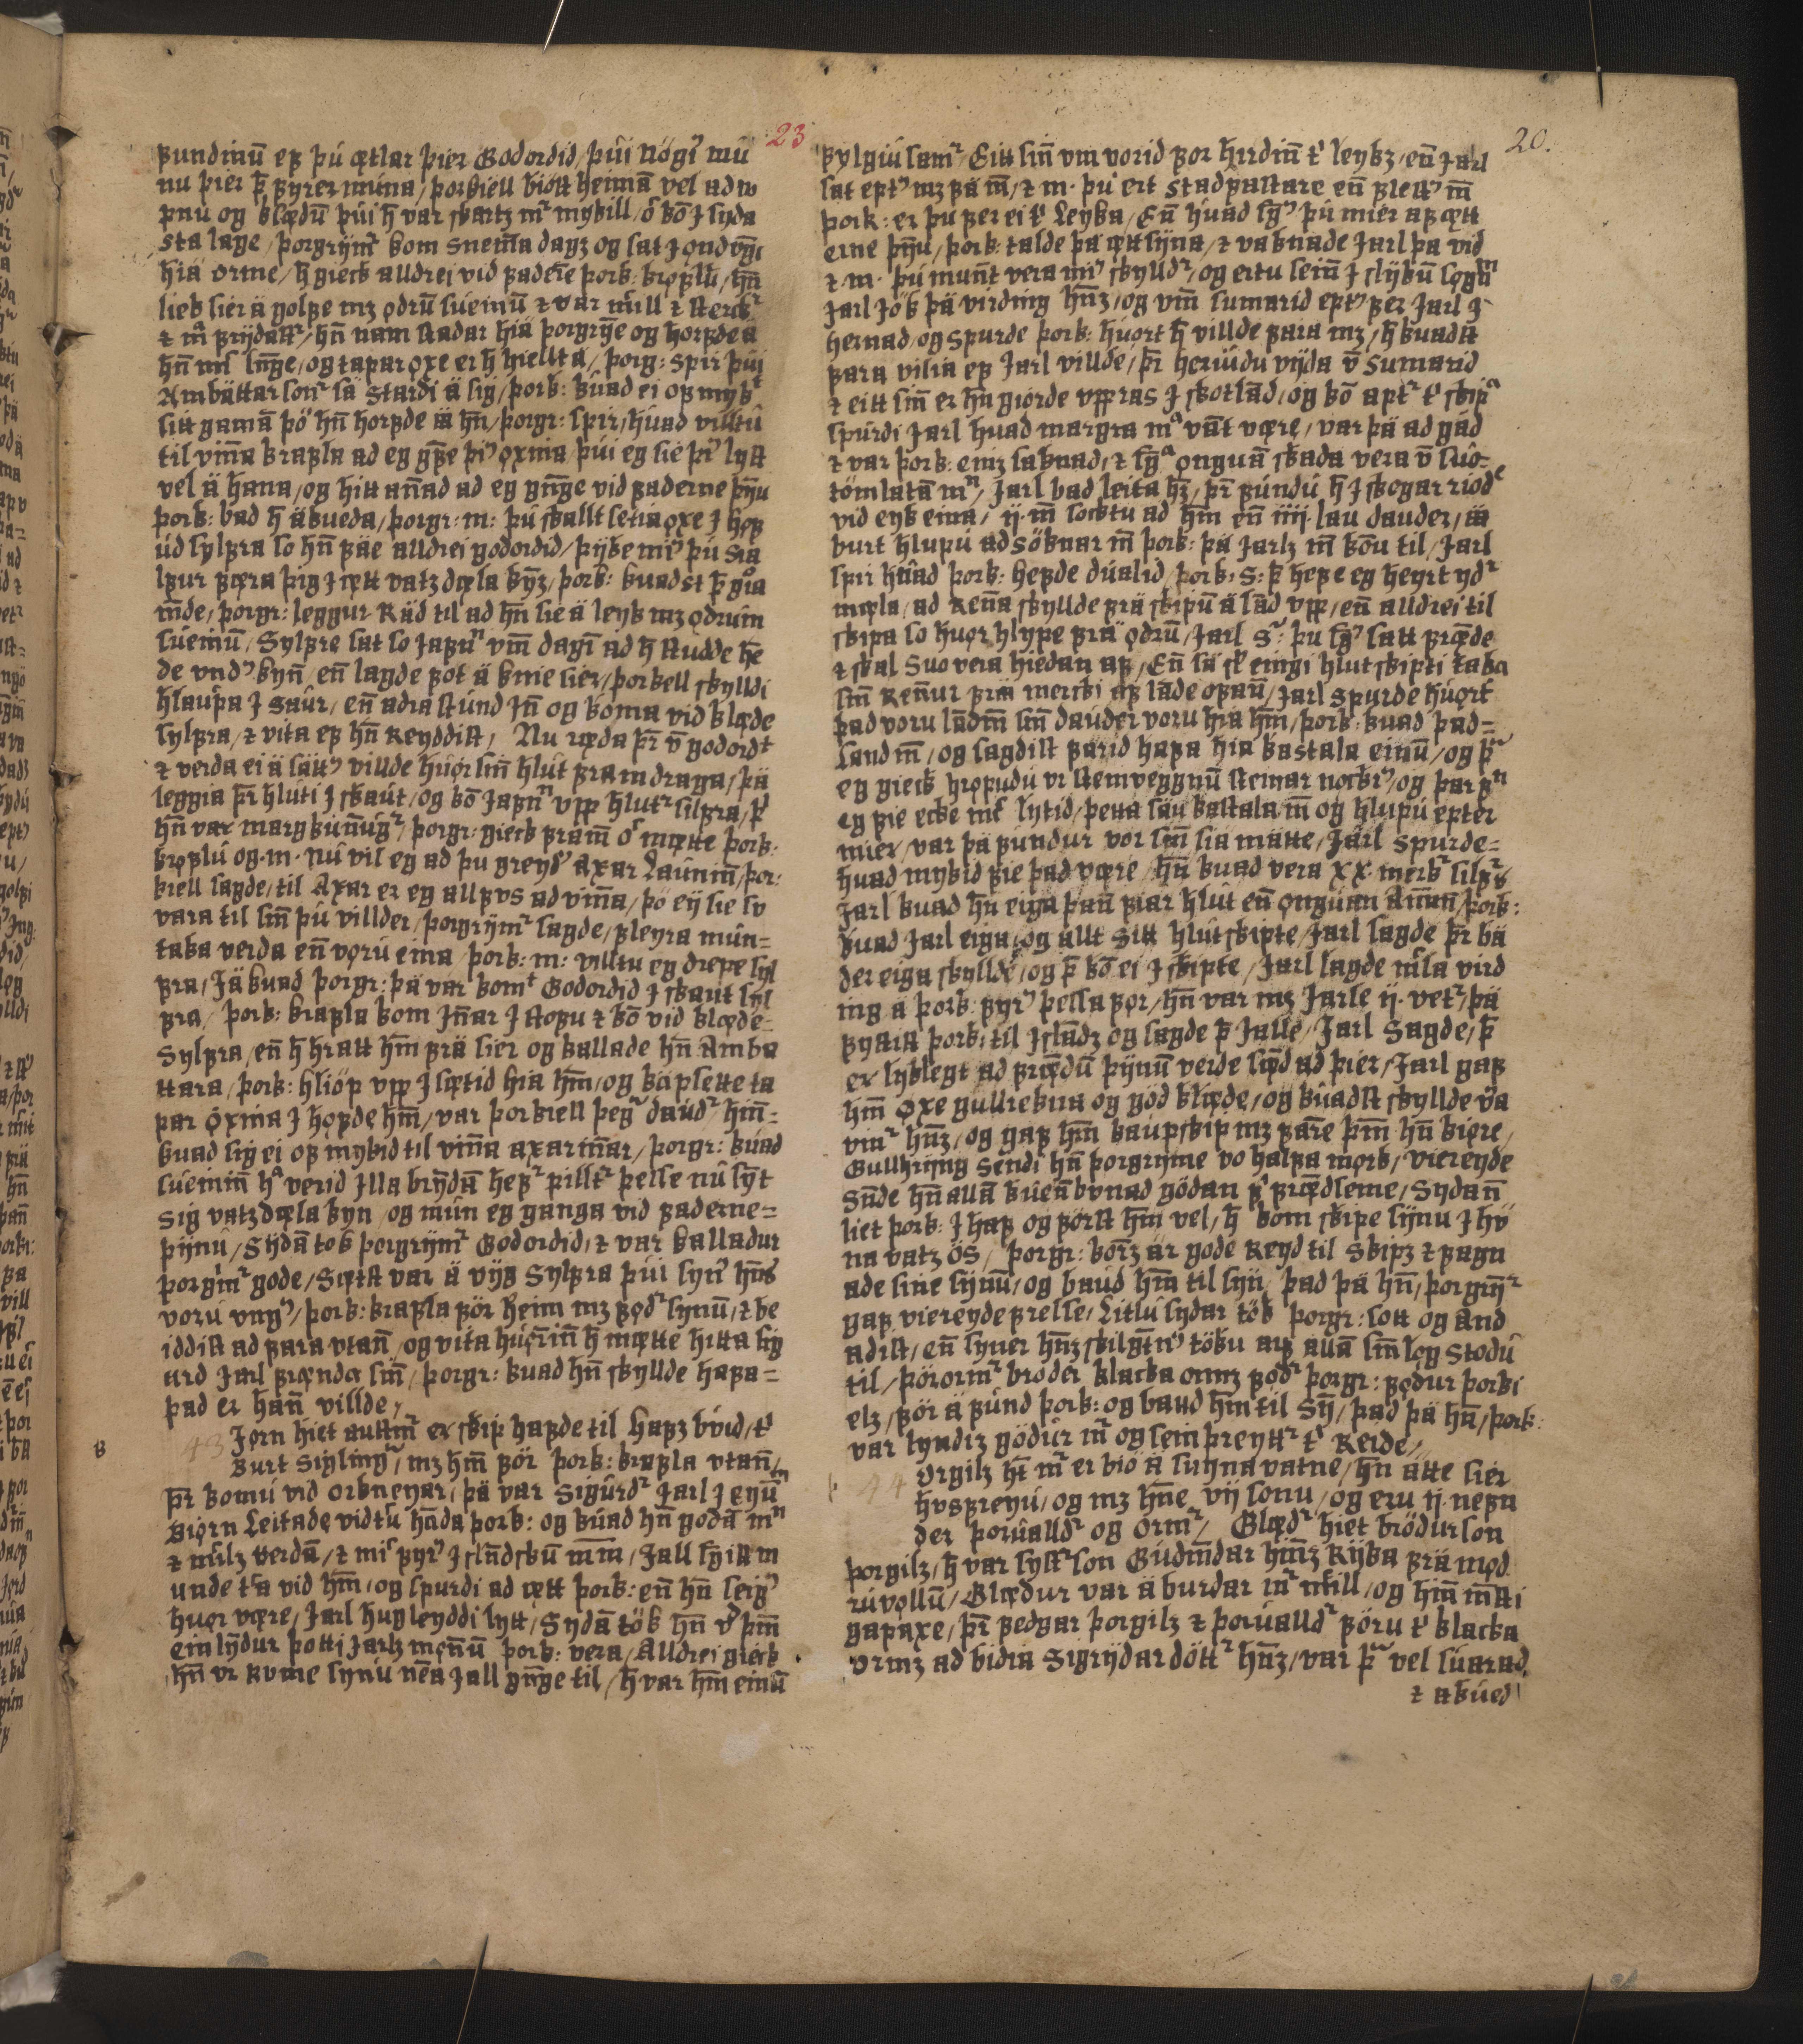 AM 128 fol - 23r